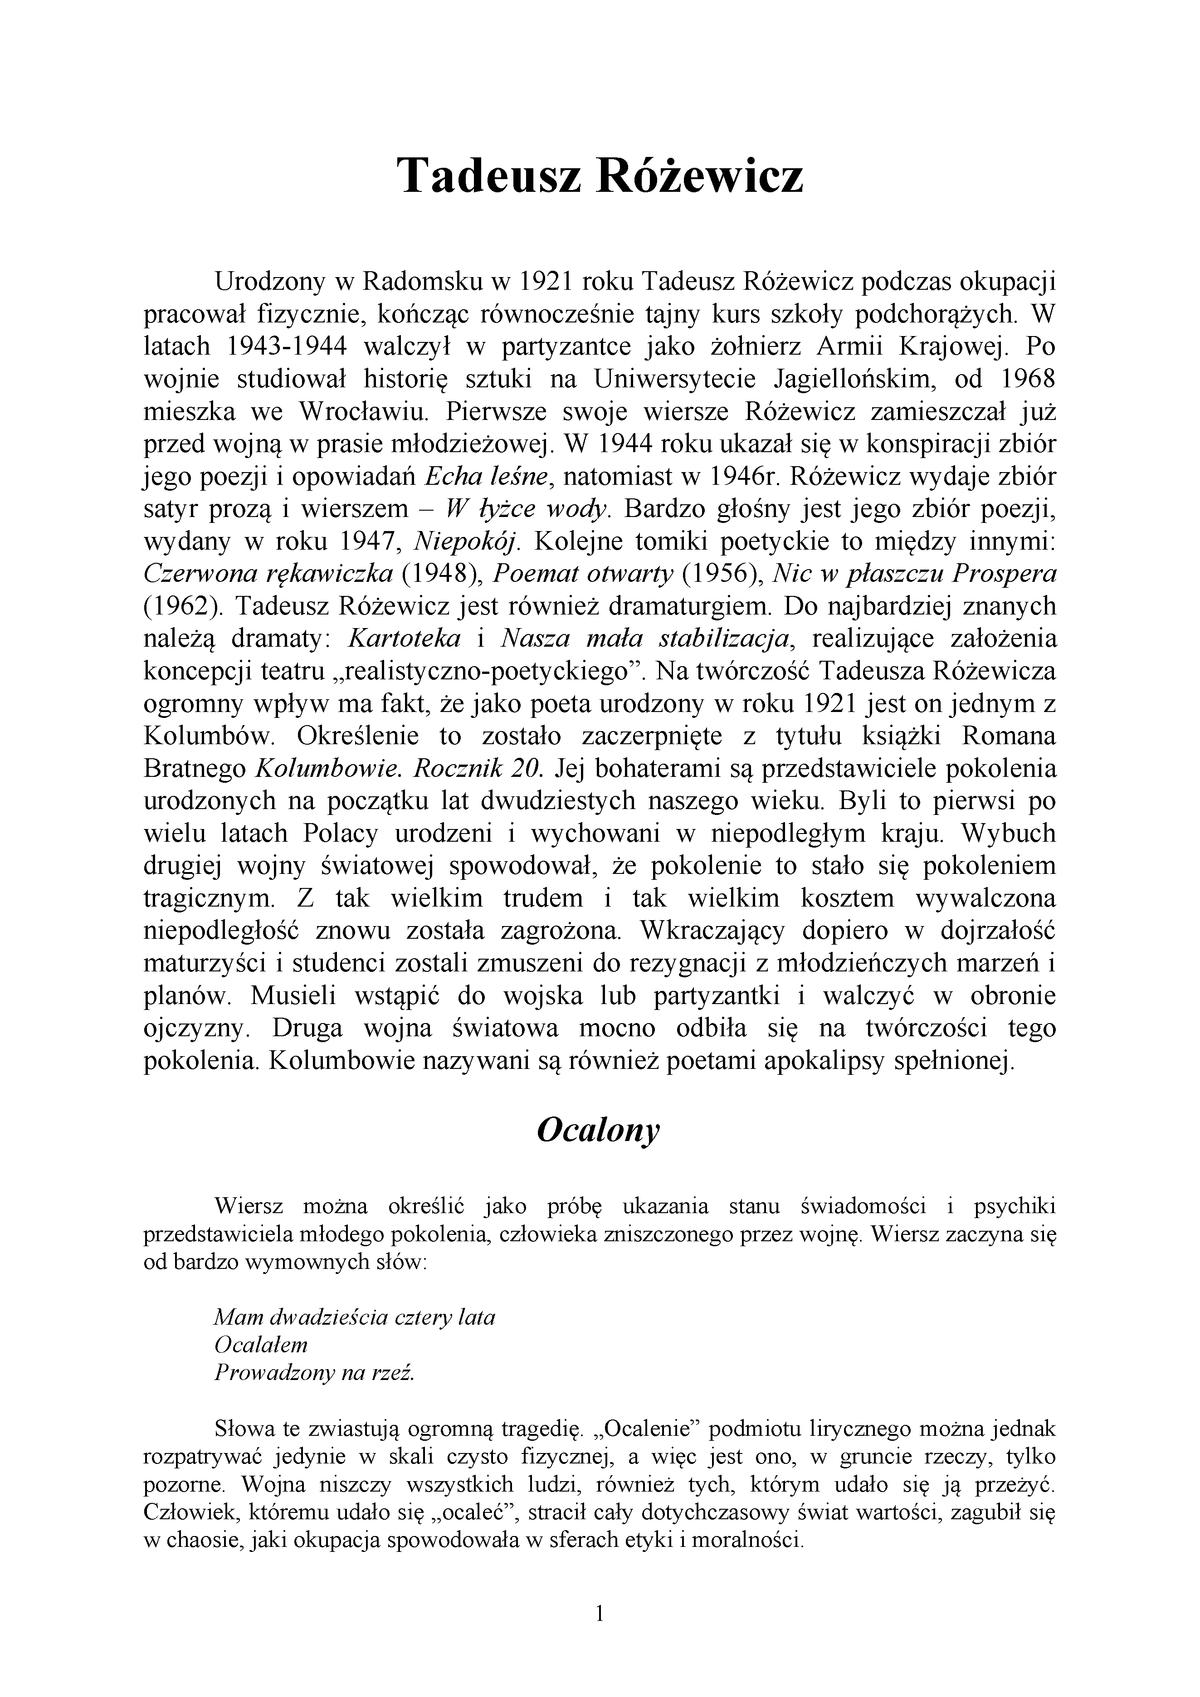 Tadeusz Rozewicz Literatura Współczesna Uwm Studocu